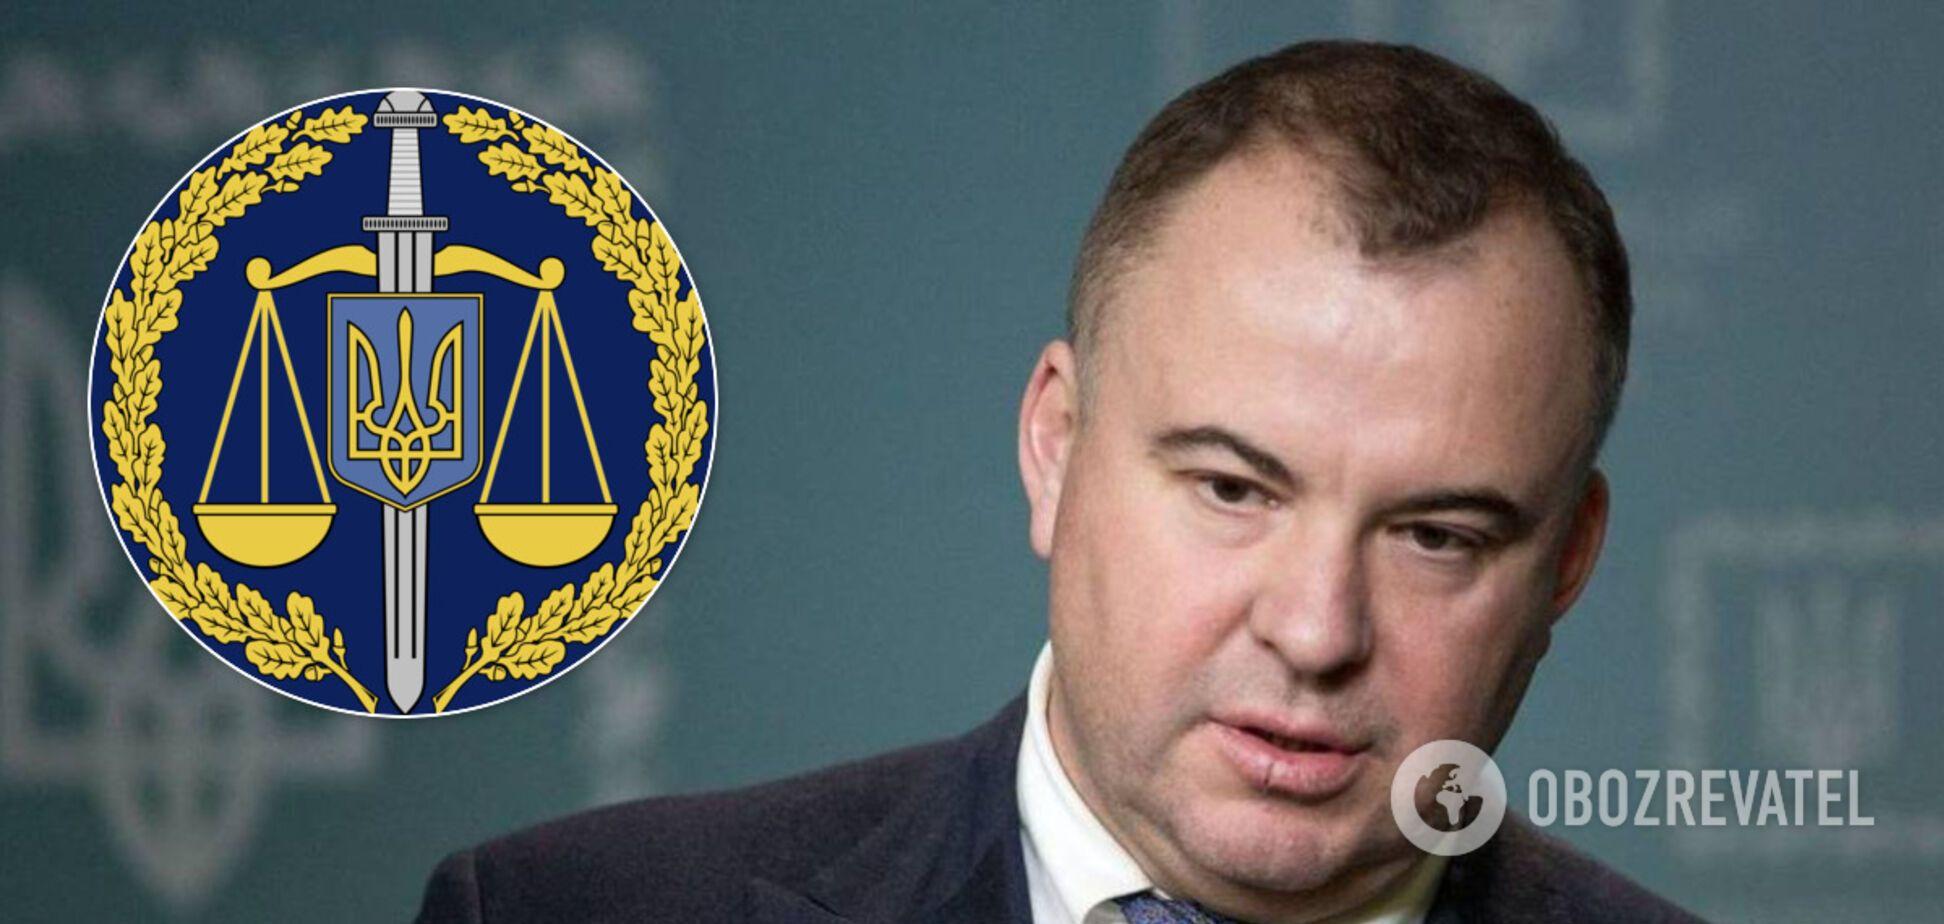 САП завершила слідство у справі Гладковського